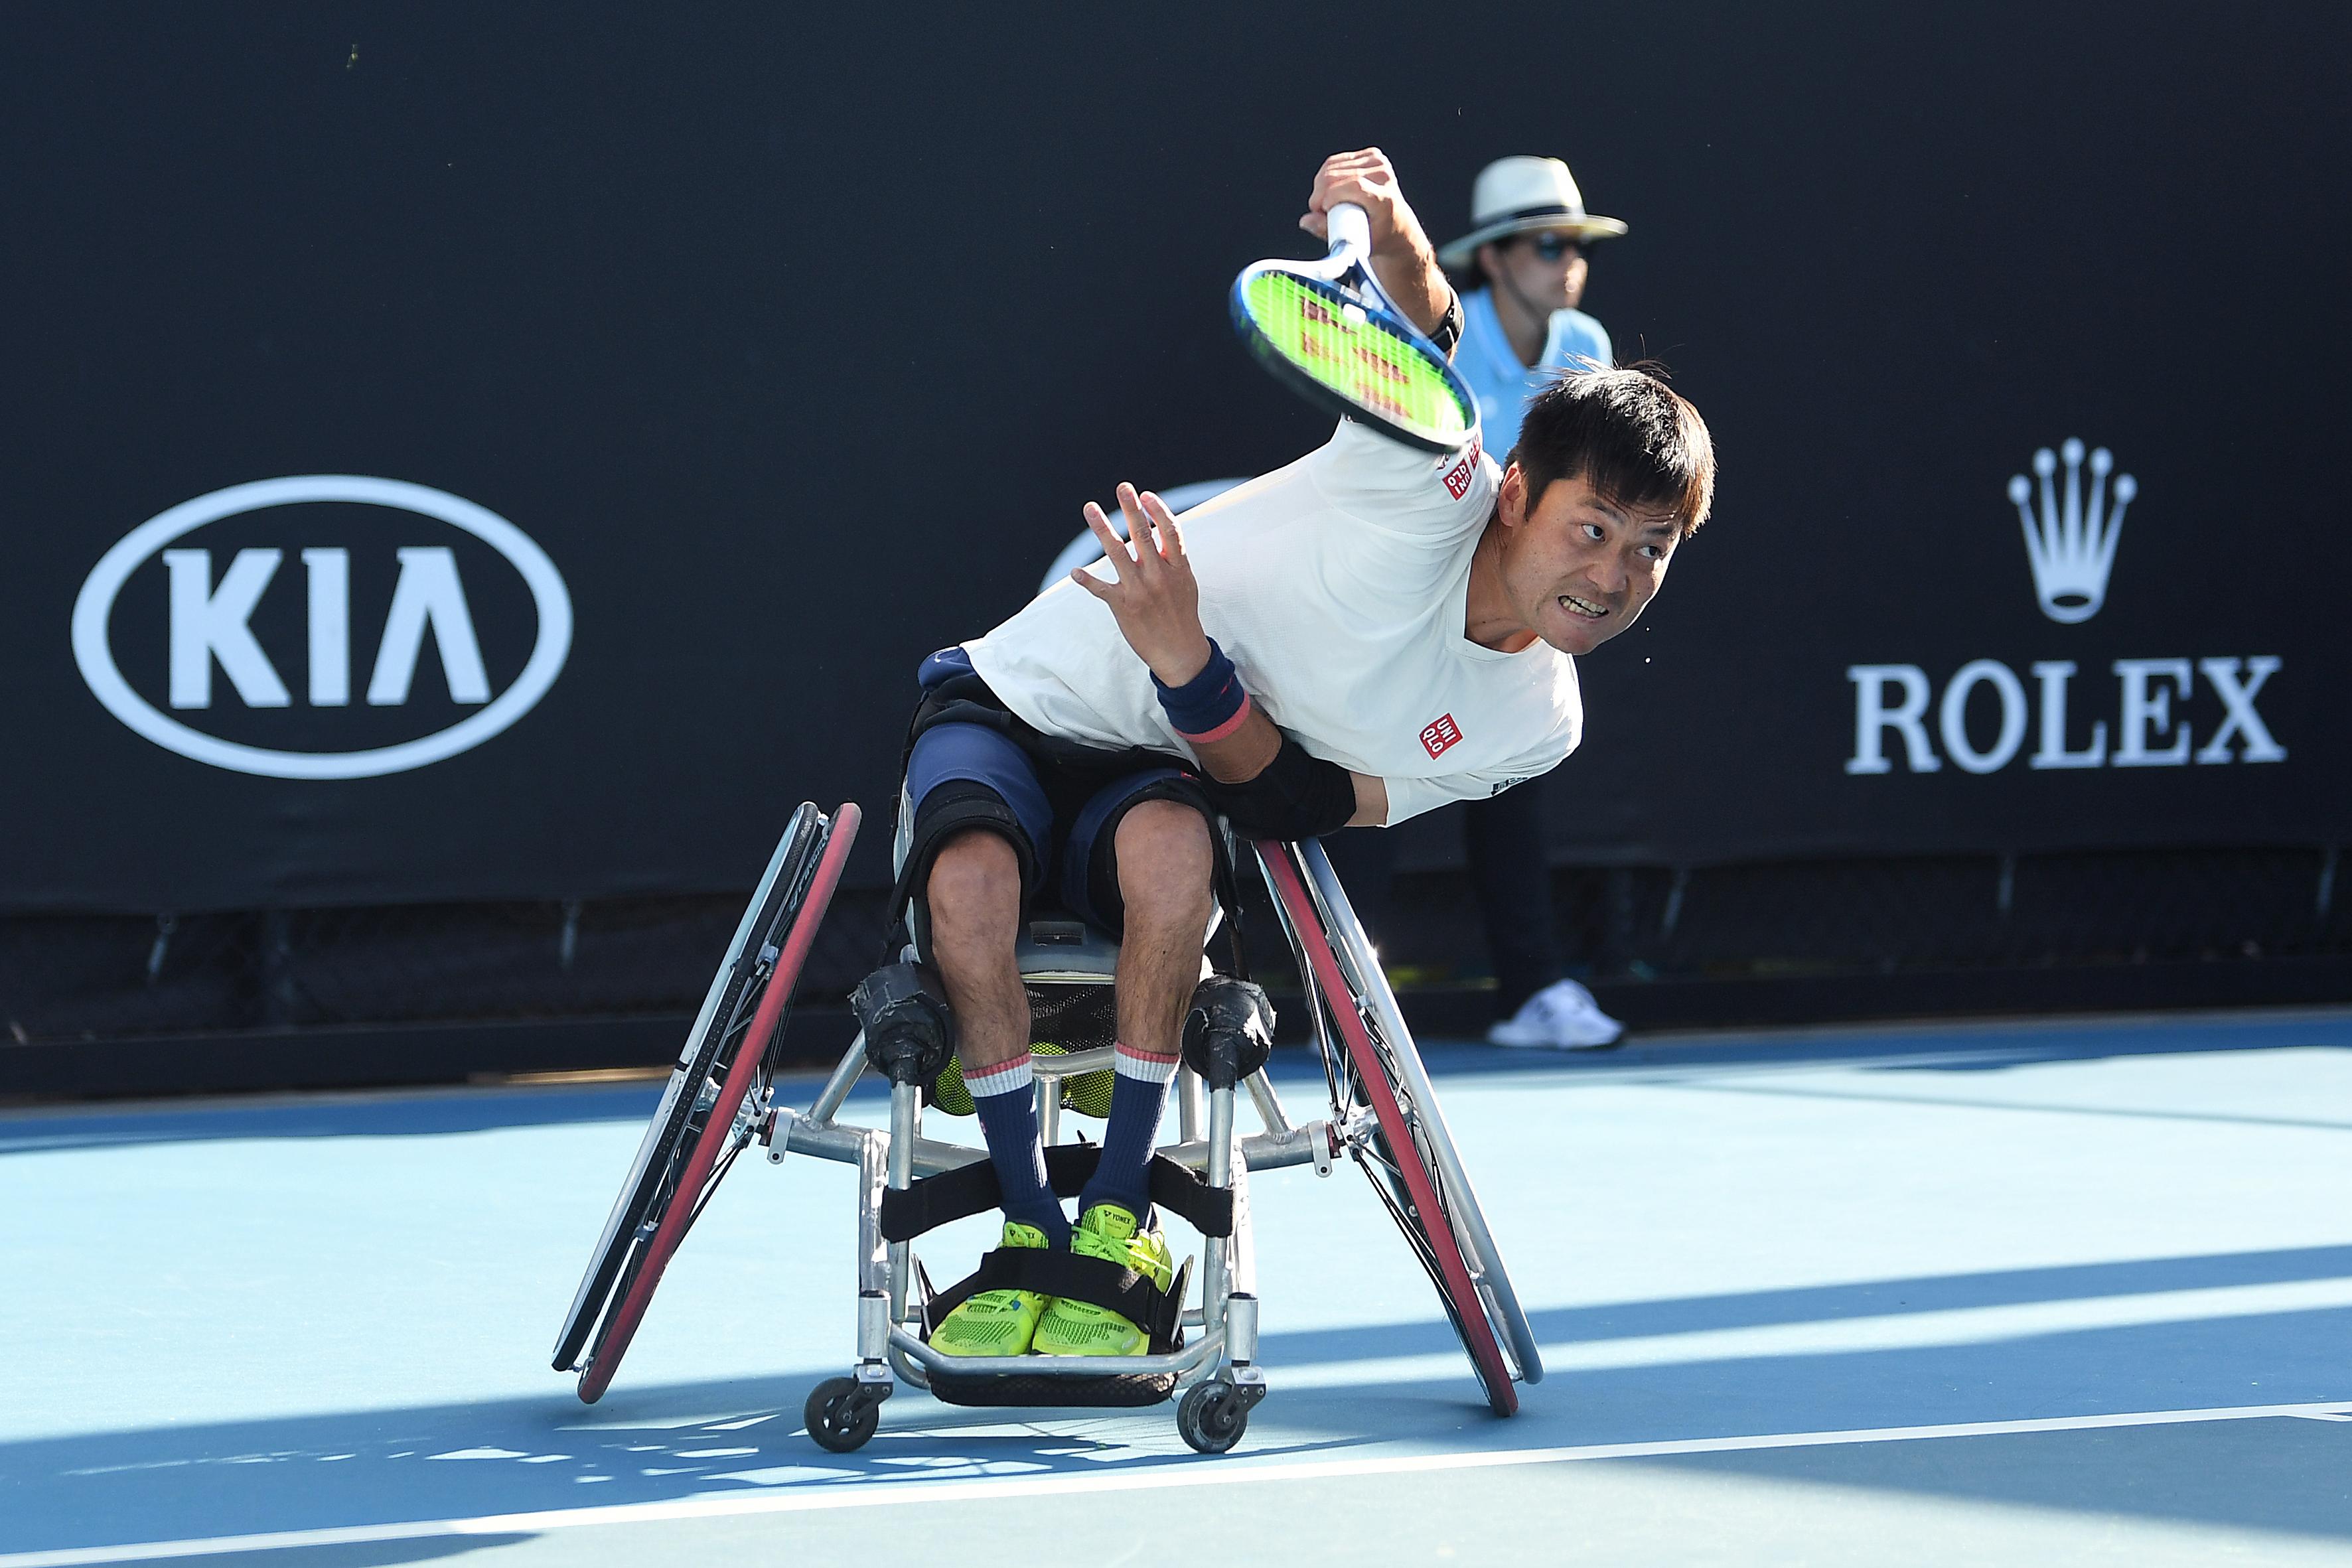 国枝慎吾は車椅子テニスの王者!賞金、年収がキビシイ!フェデラーにも認められた実績